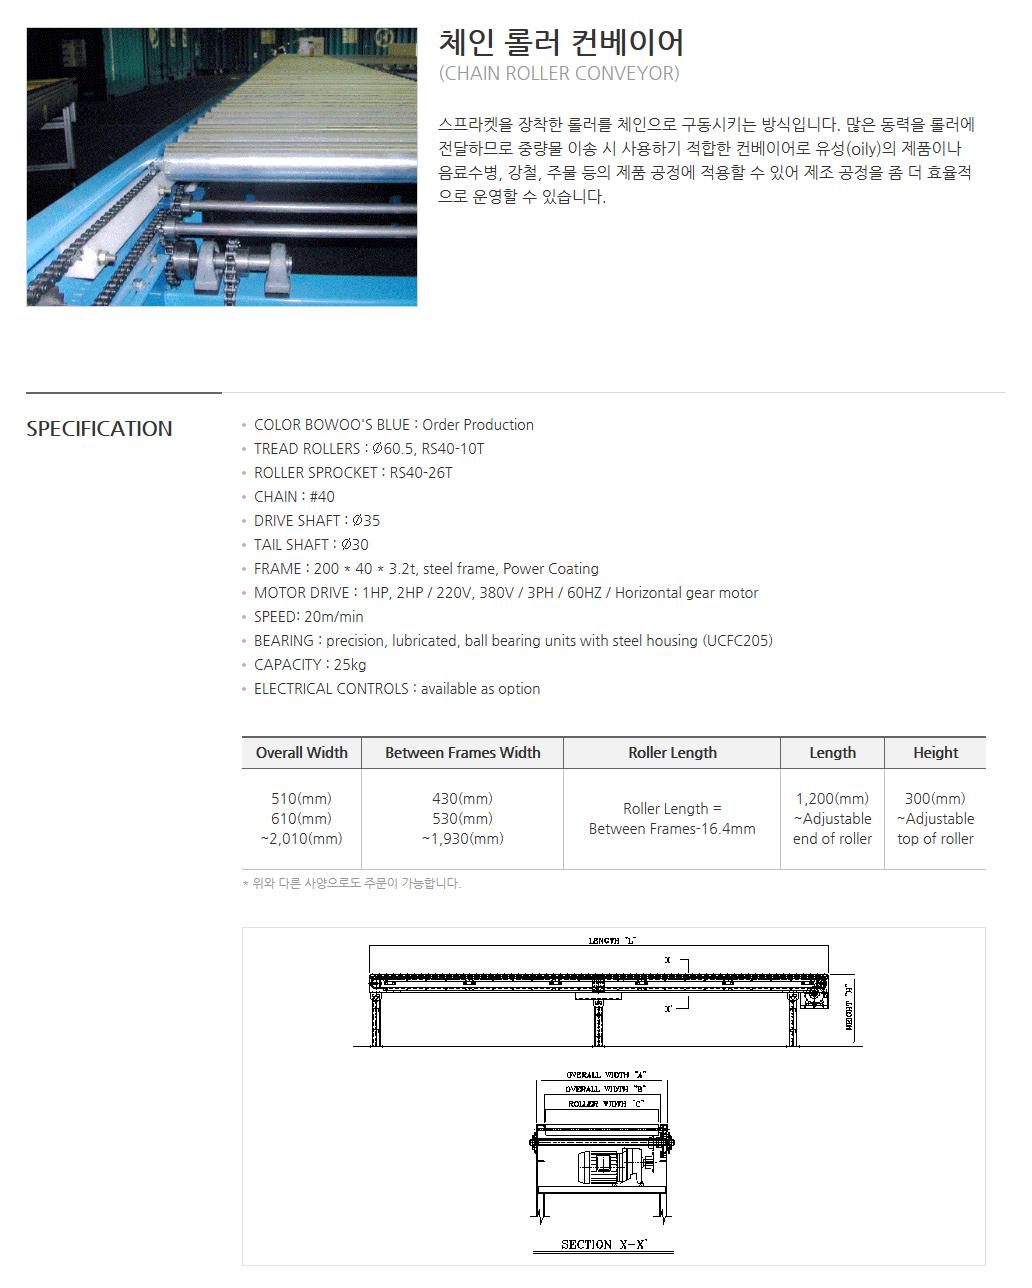 (주)보우시스템 동력 Conveyor : 체인 롤러 컨베이어  1